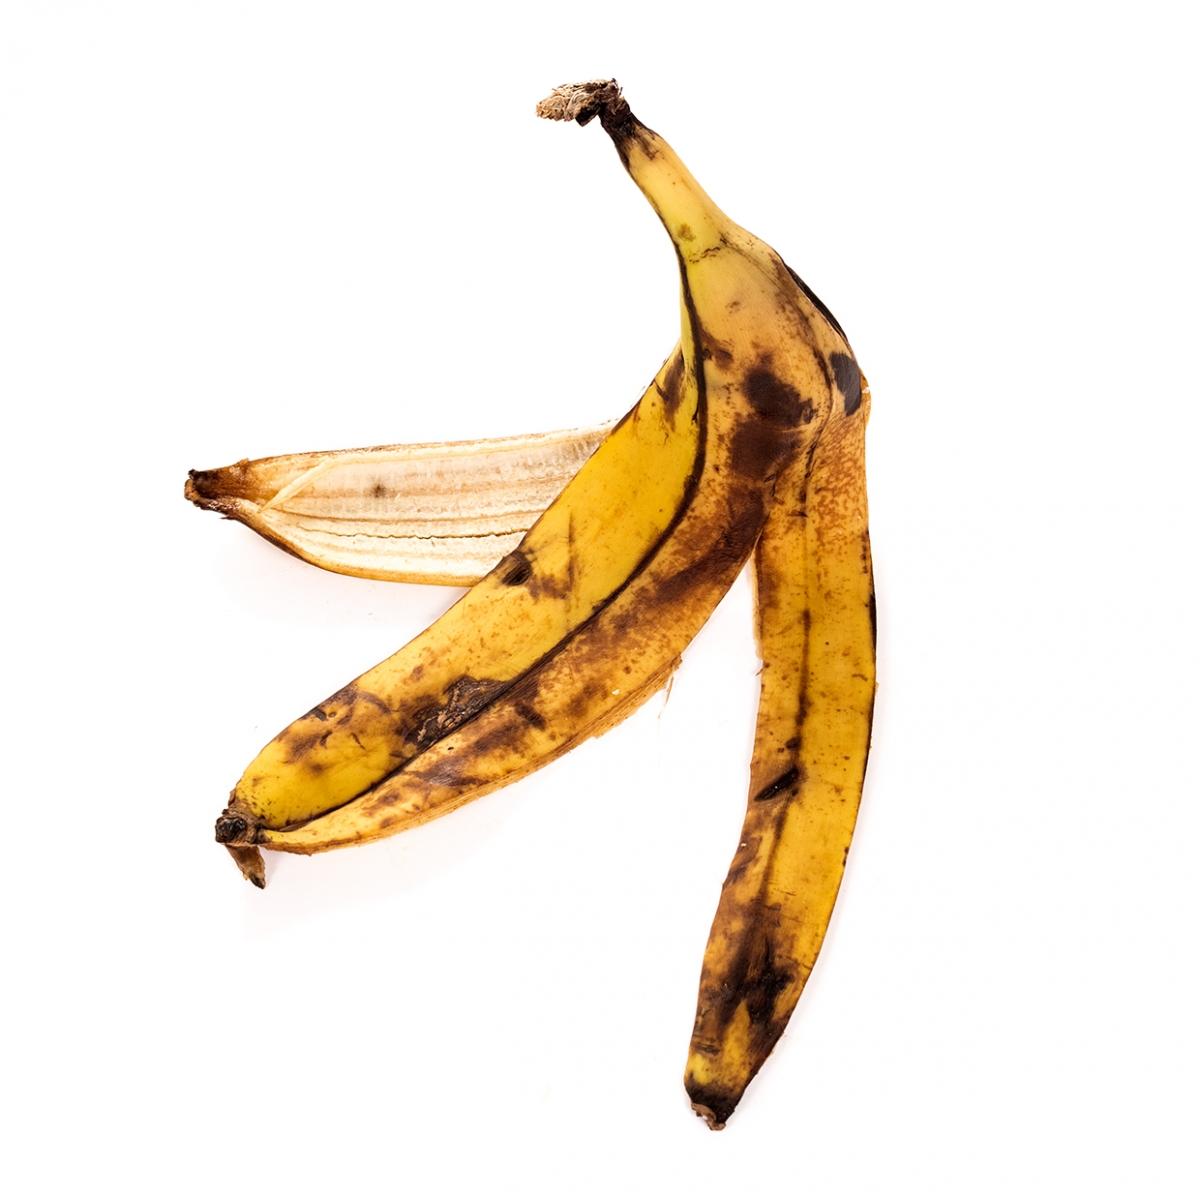 Imagen en la que se ve una cáscara de plátano